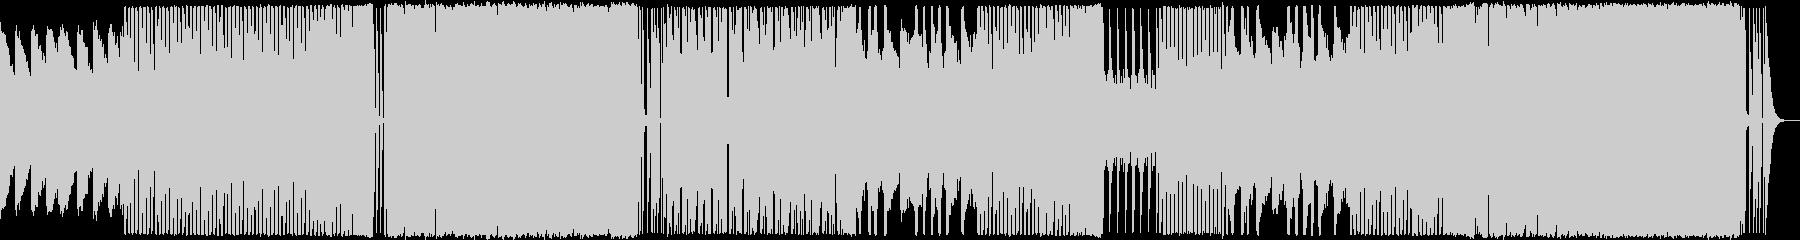 エレクトロ風EDMポップの未再生の波形